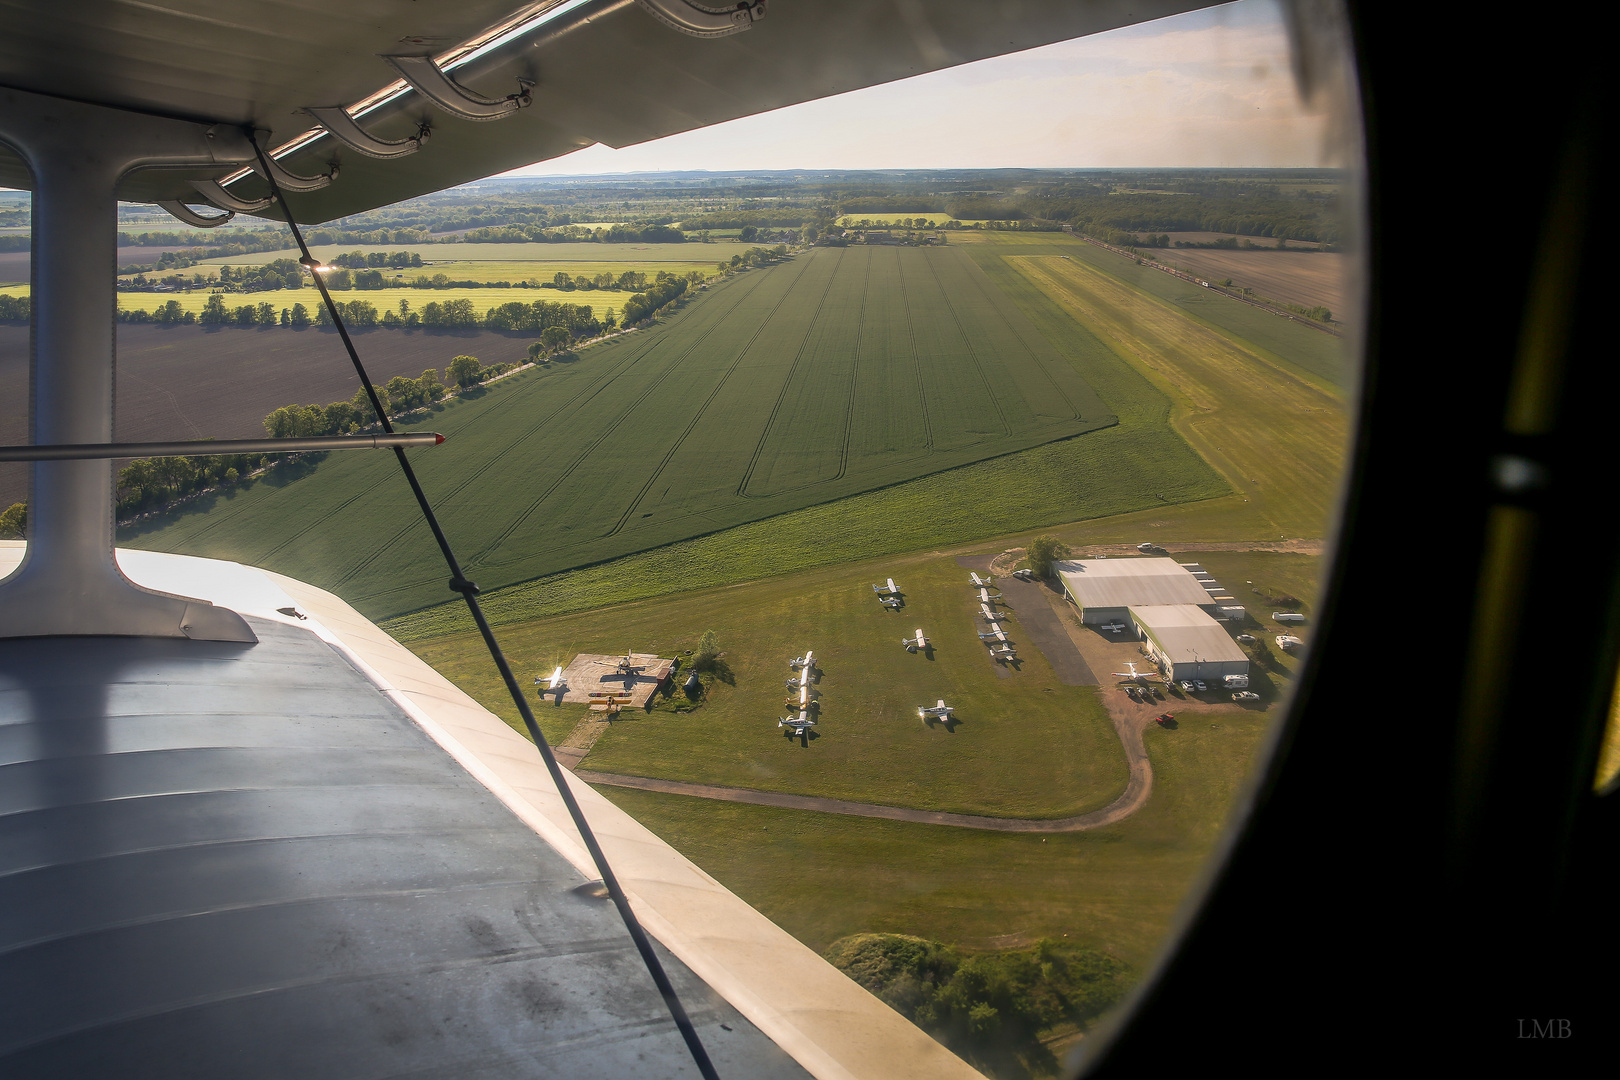 Flugplatz Bienenfarm